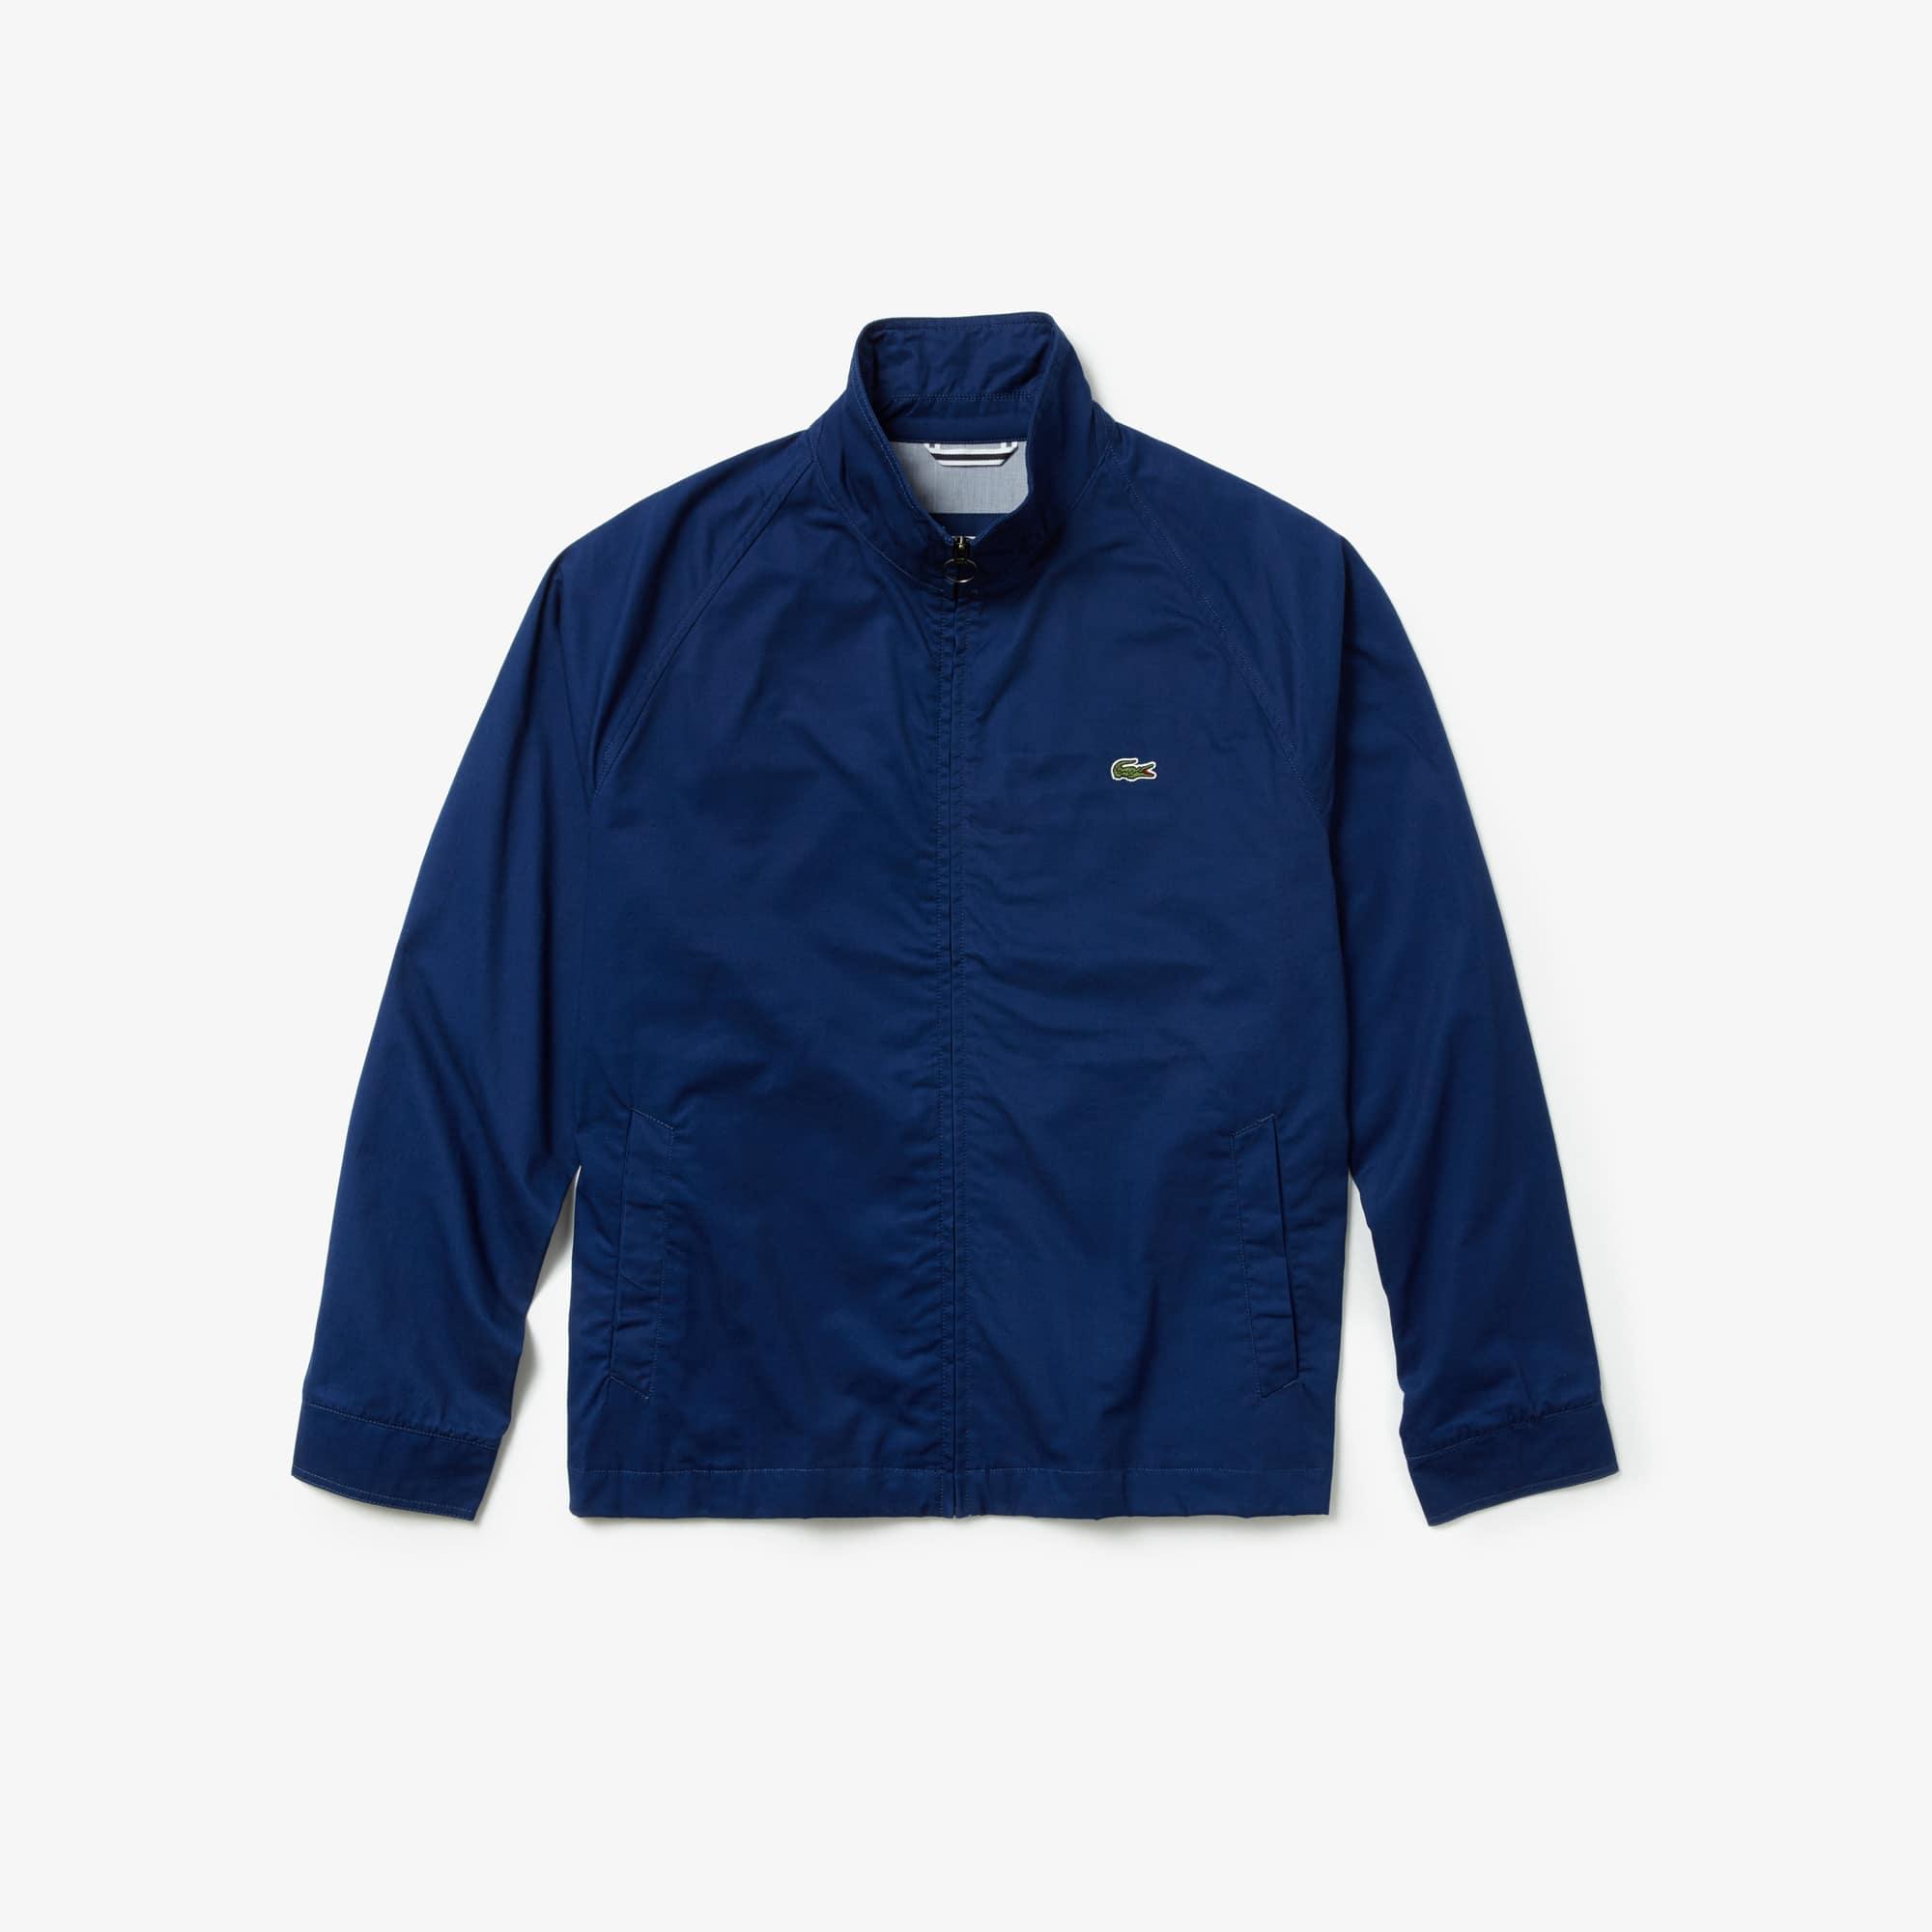 fb32984098 Homme Vêtements amp; Blousons Manteaux Lacoste tqz7XwtOBx